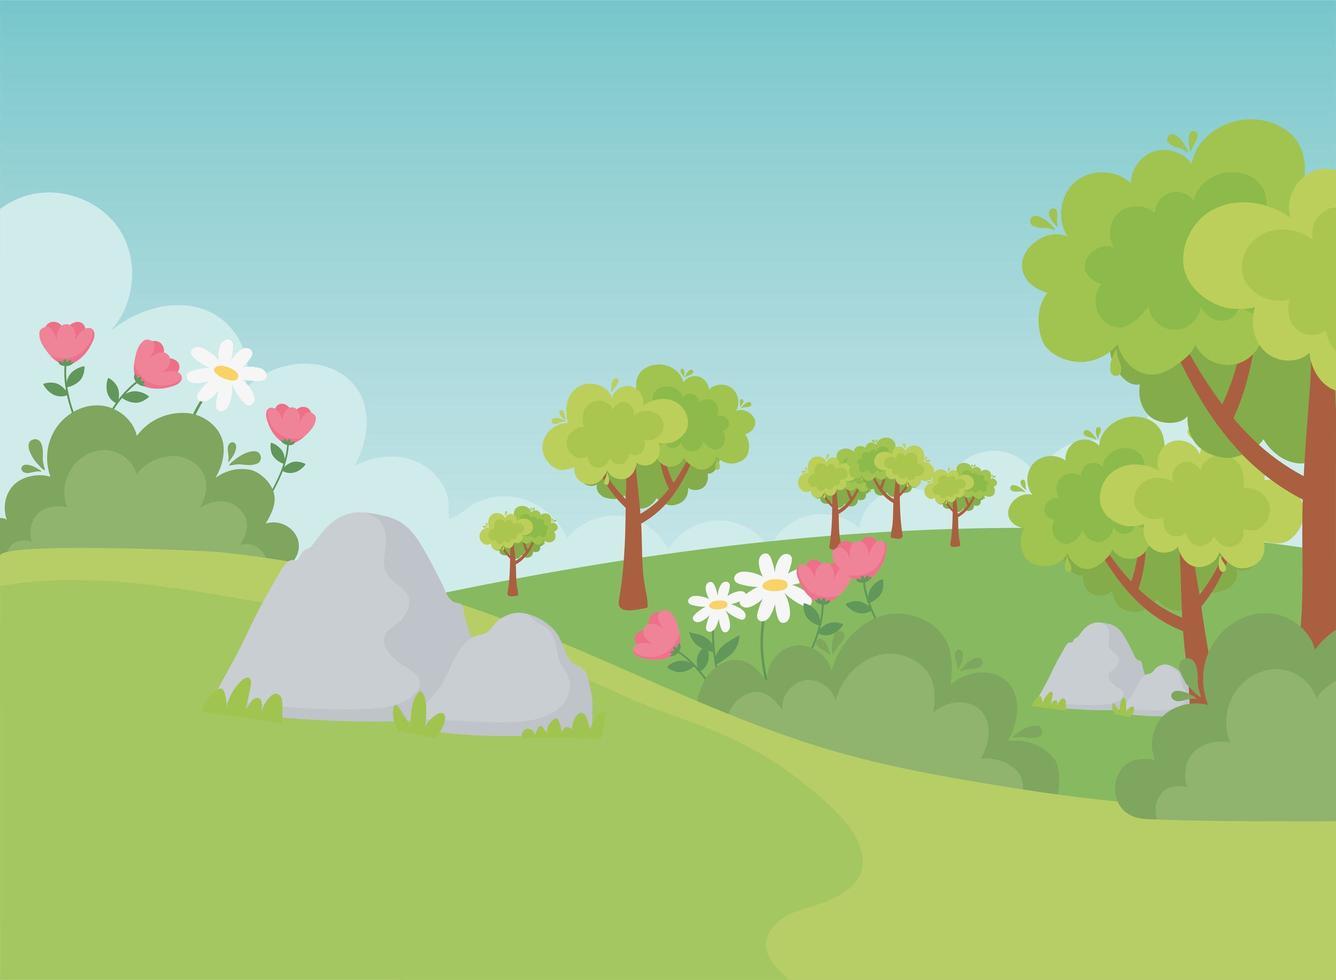 paesaggio, pietre, alberi, fiori e natura del campo vettore